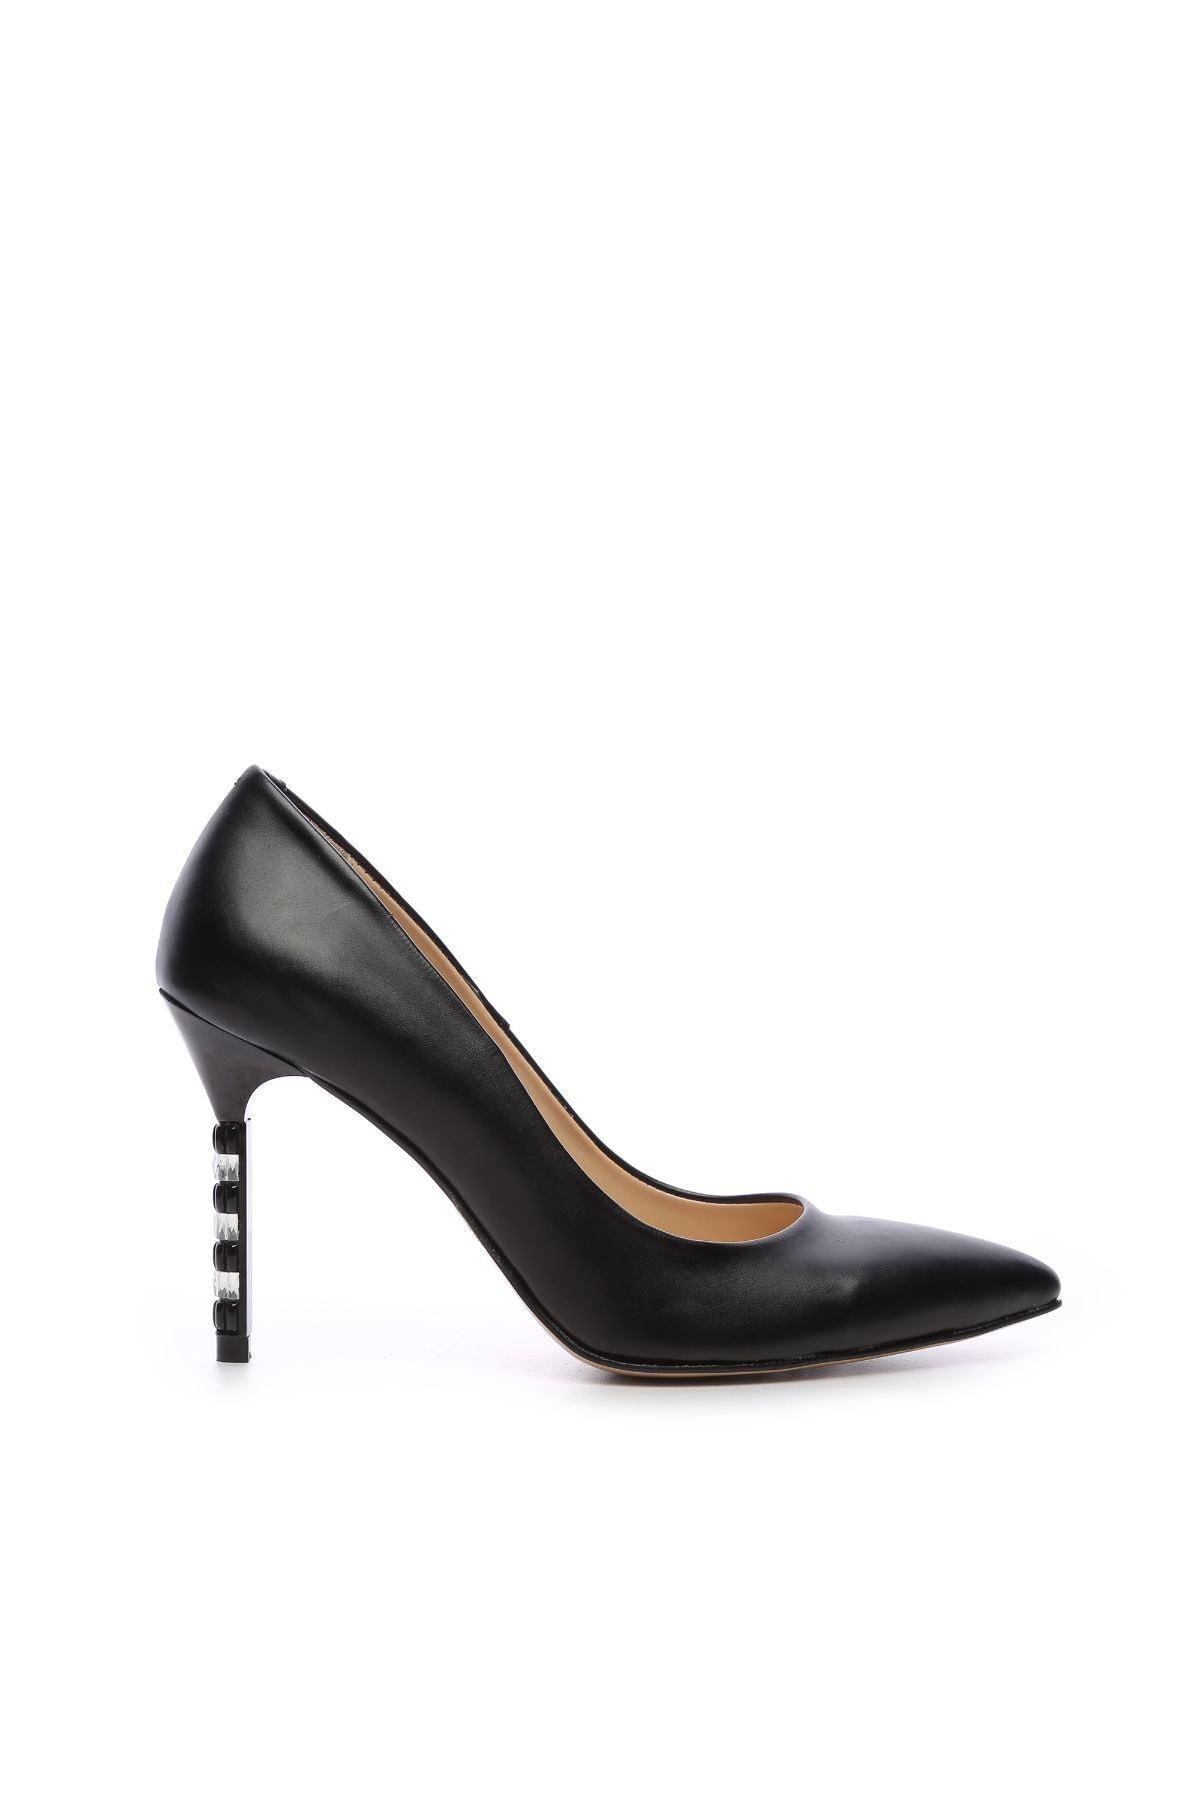 KEMAL TANCA Kemal Tanca Kadın Vegan Stiletto Ayakkabı 22 6224 BN AYK Y19 1